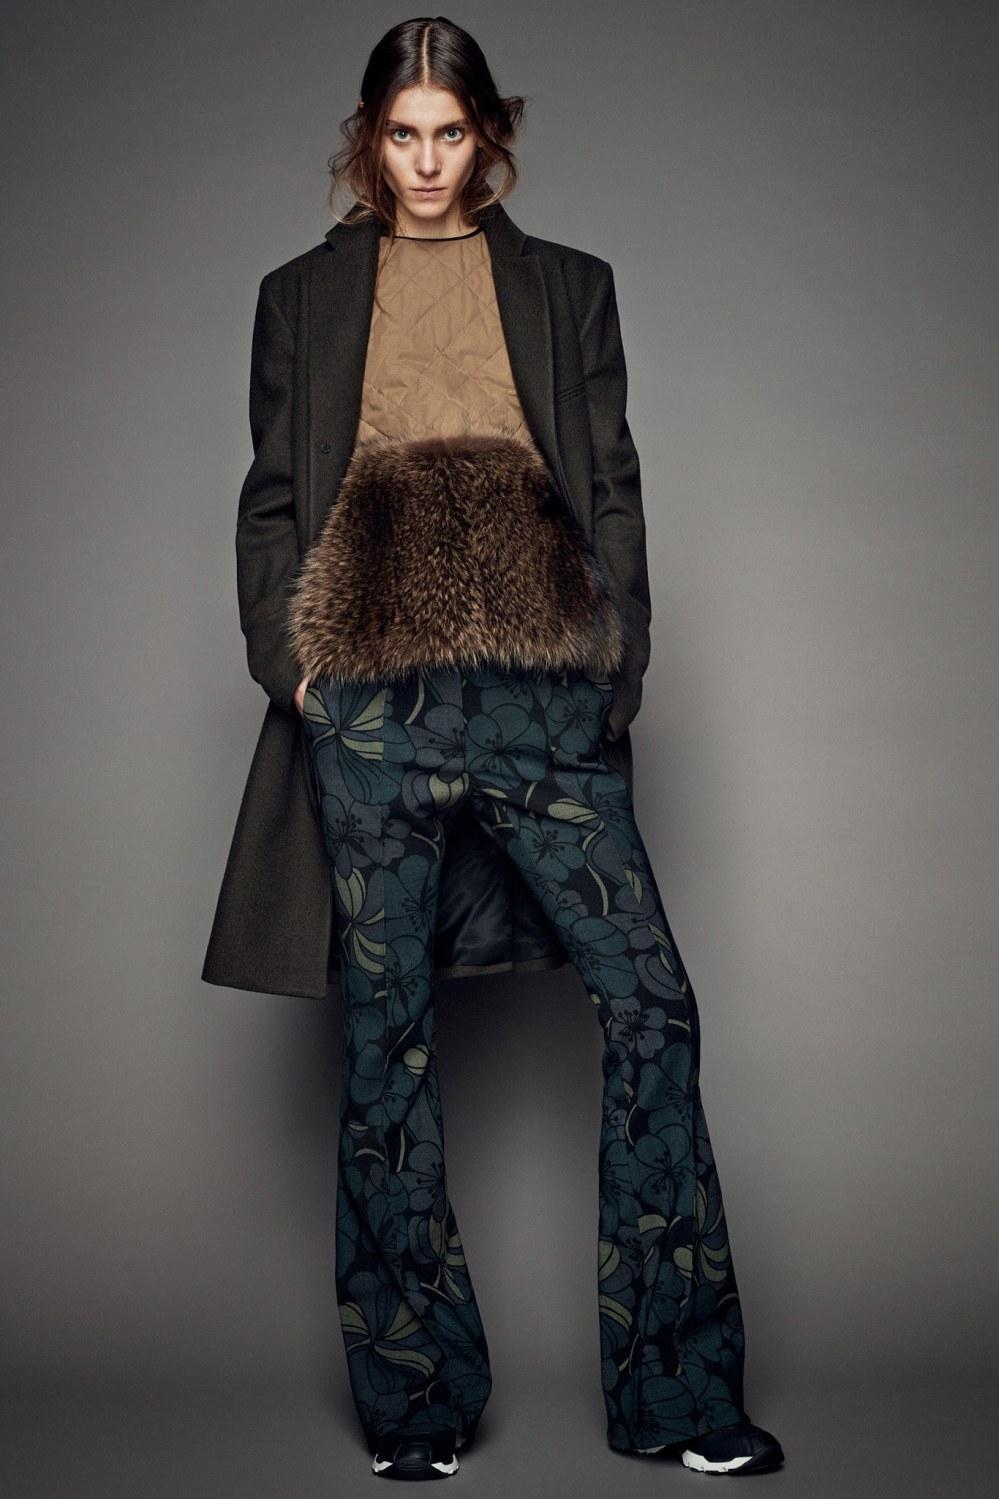 Fur embellished, Marni